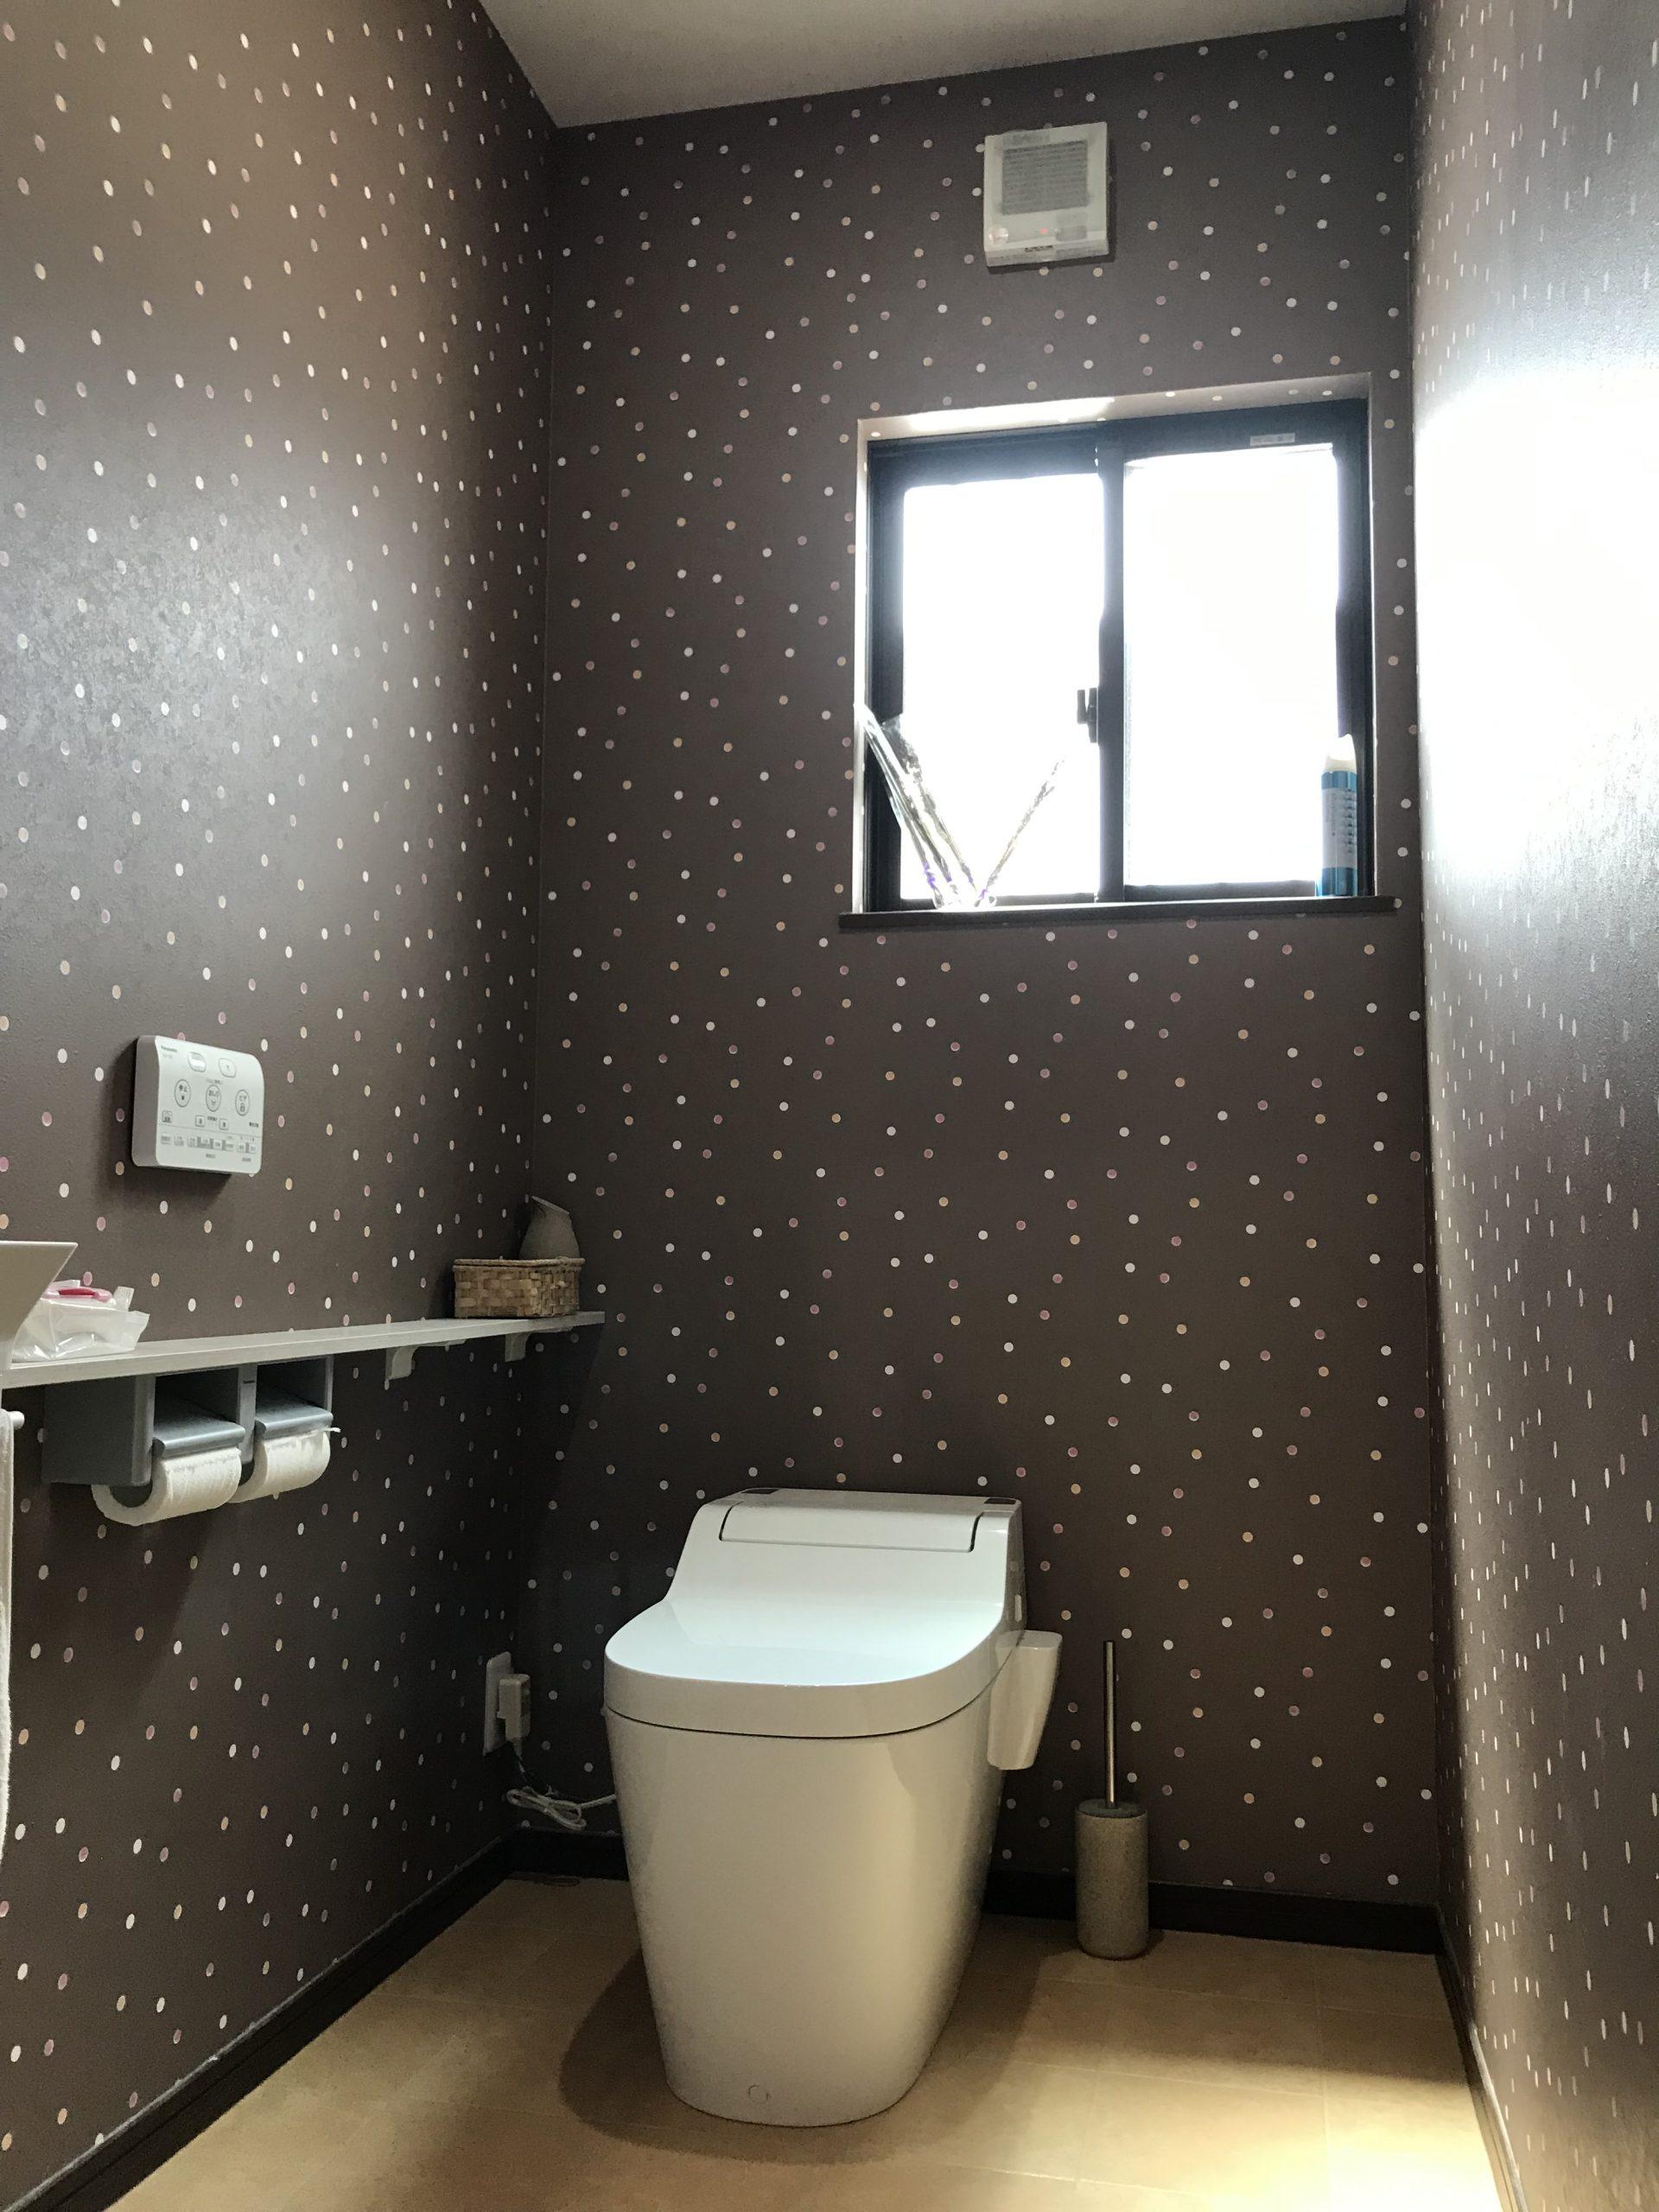 大分市木上 中古住宅|トイレ|【OSUMU】大分不動産情報サービス